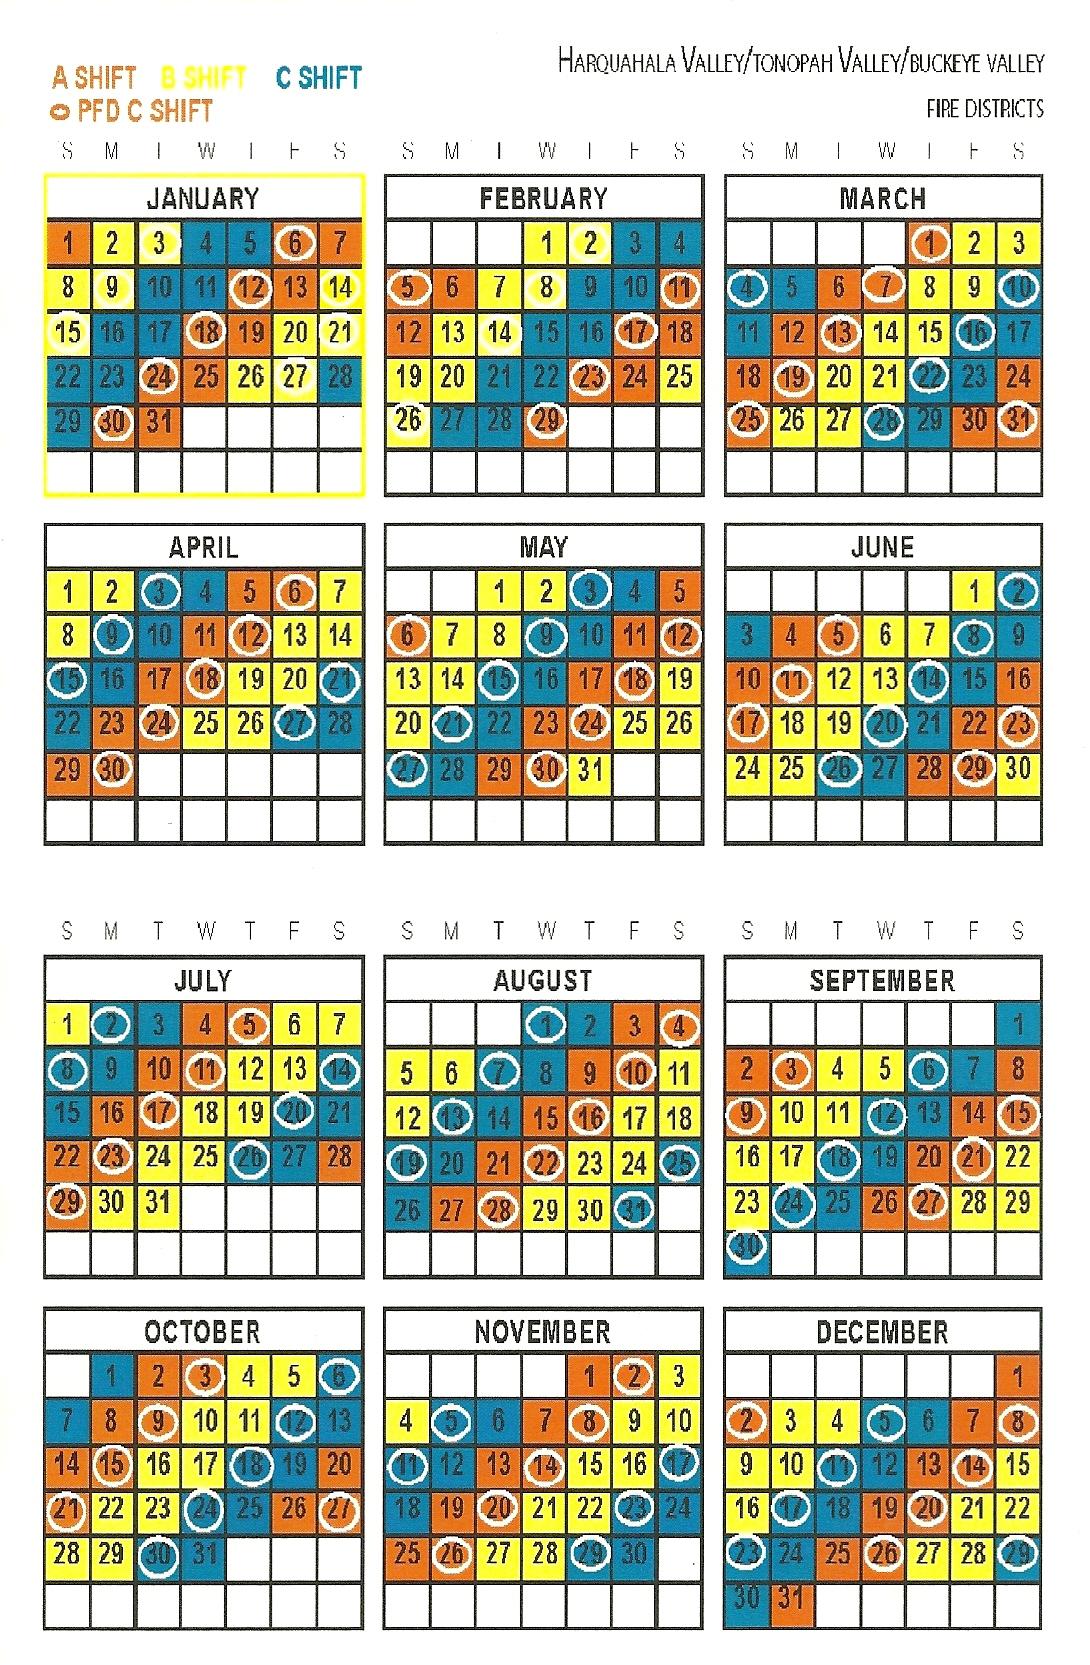 Firefighter 24/96 Shift Calendars | Calendar Template